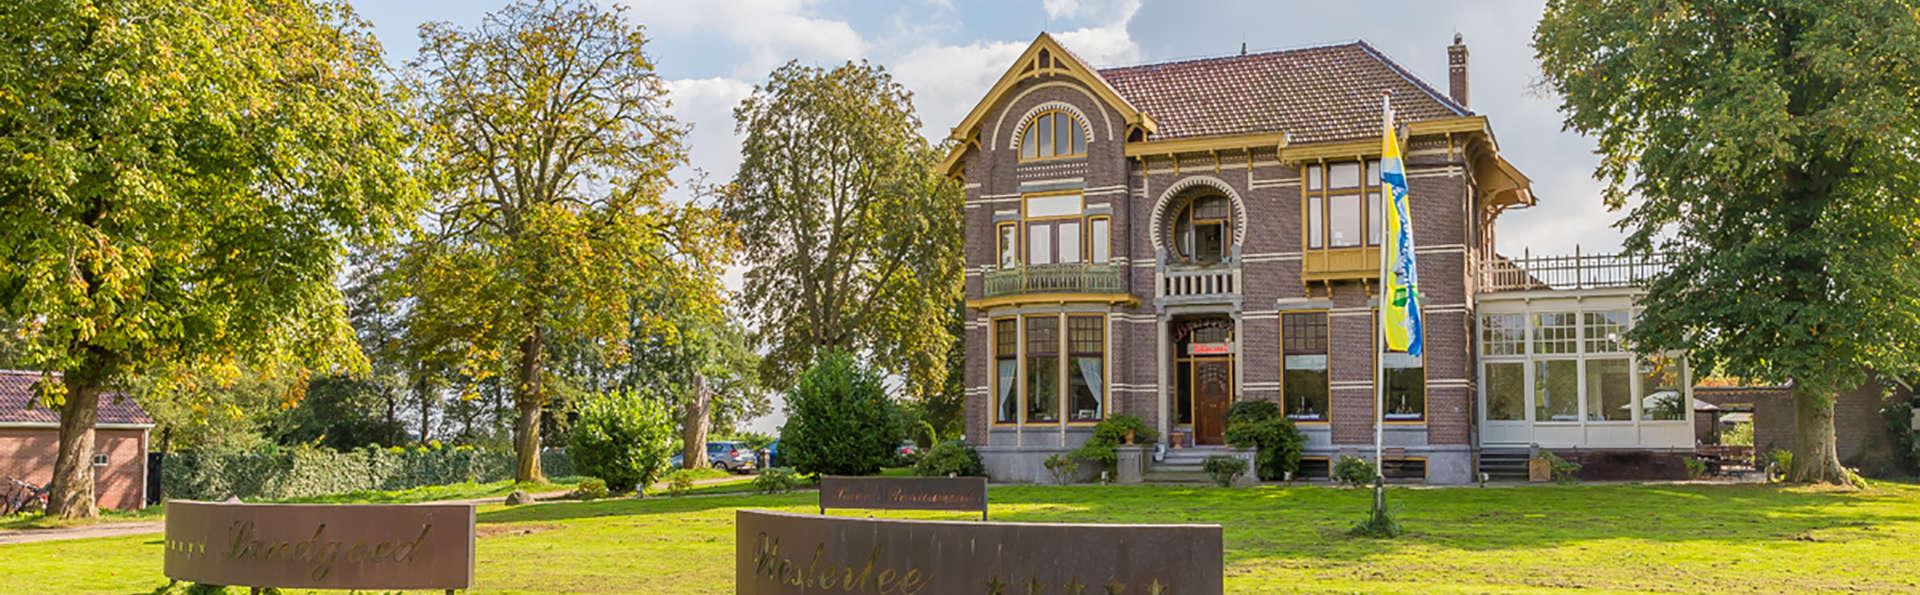 Landgoed Westerlee - edit_front.jpg